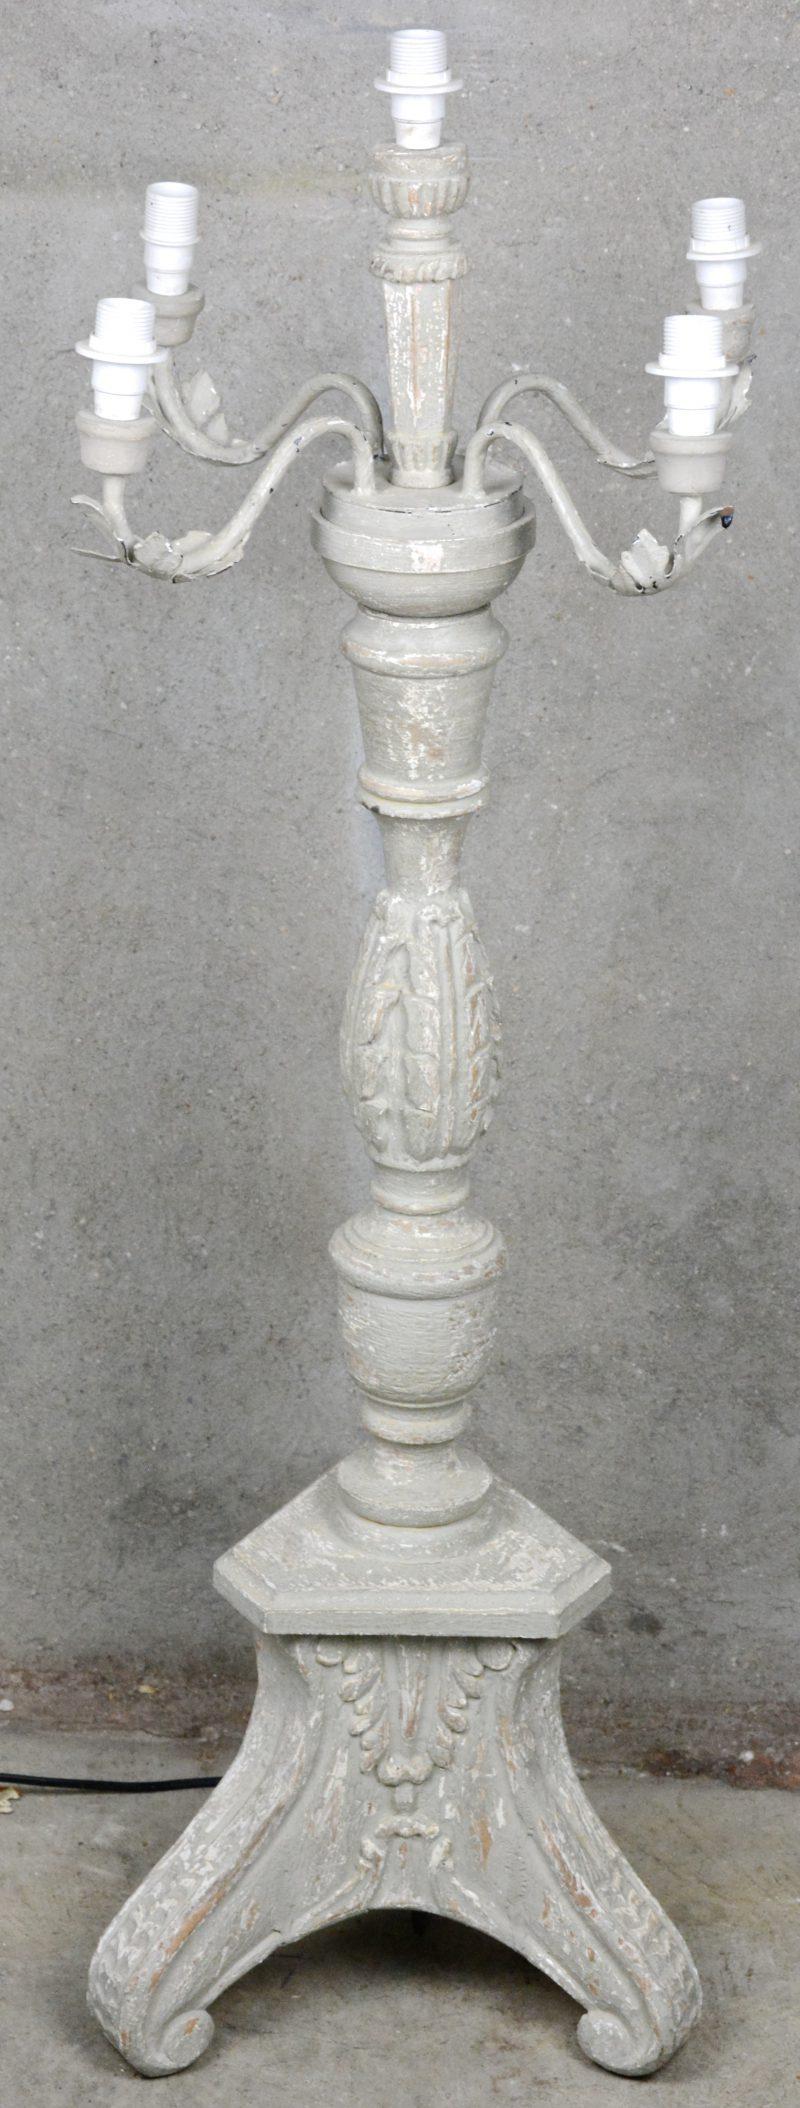 Een grijsgepatineerde houten kandelaar in barokke stijl. Gemonteerd als staande lamp.